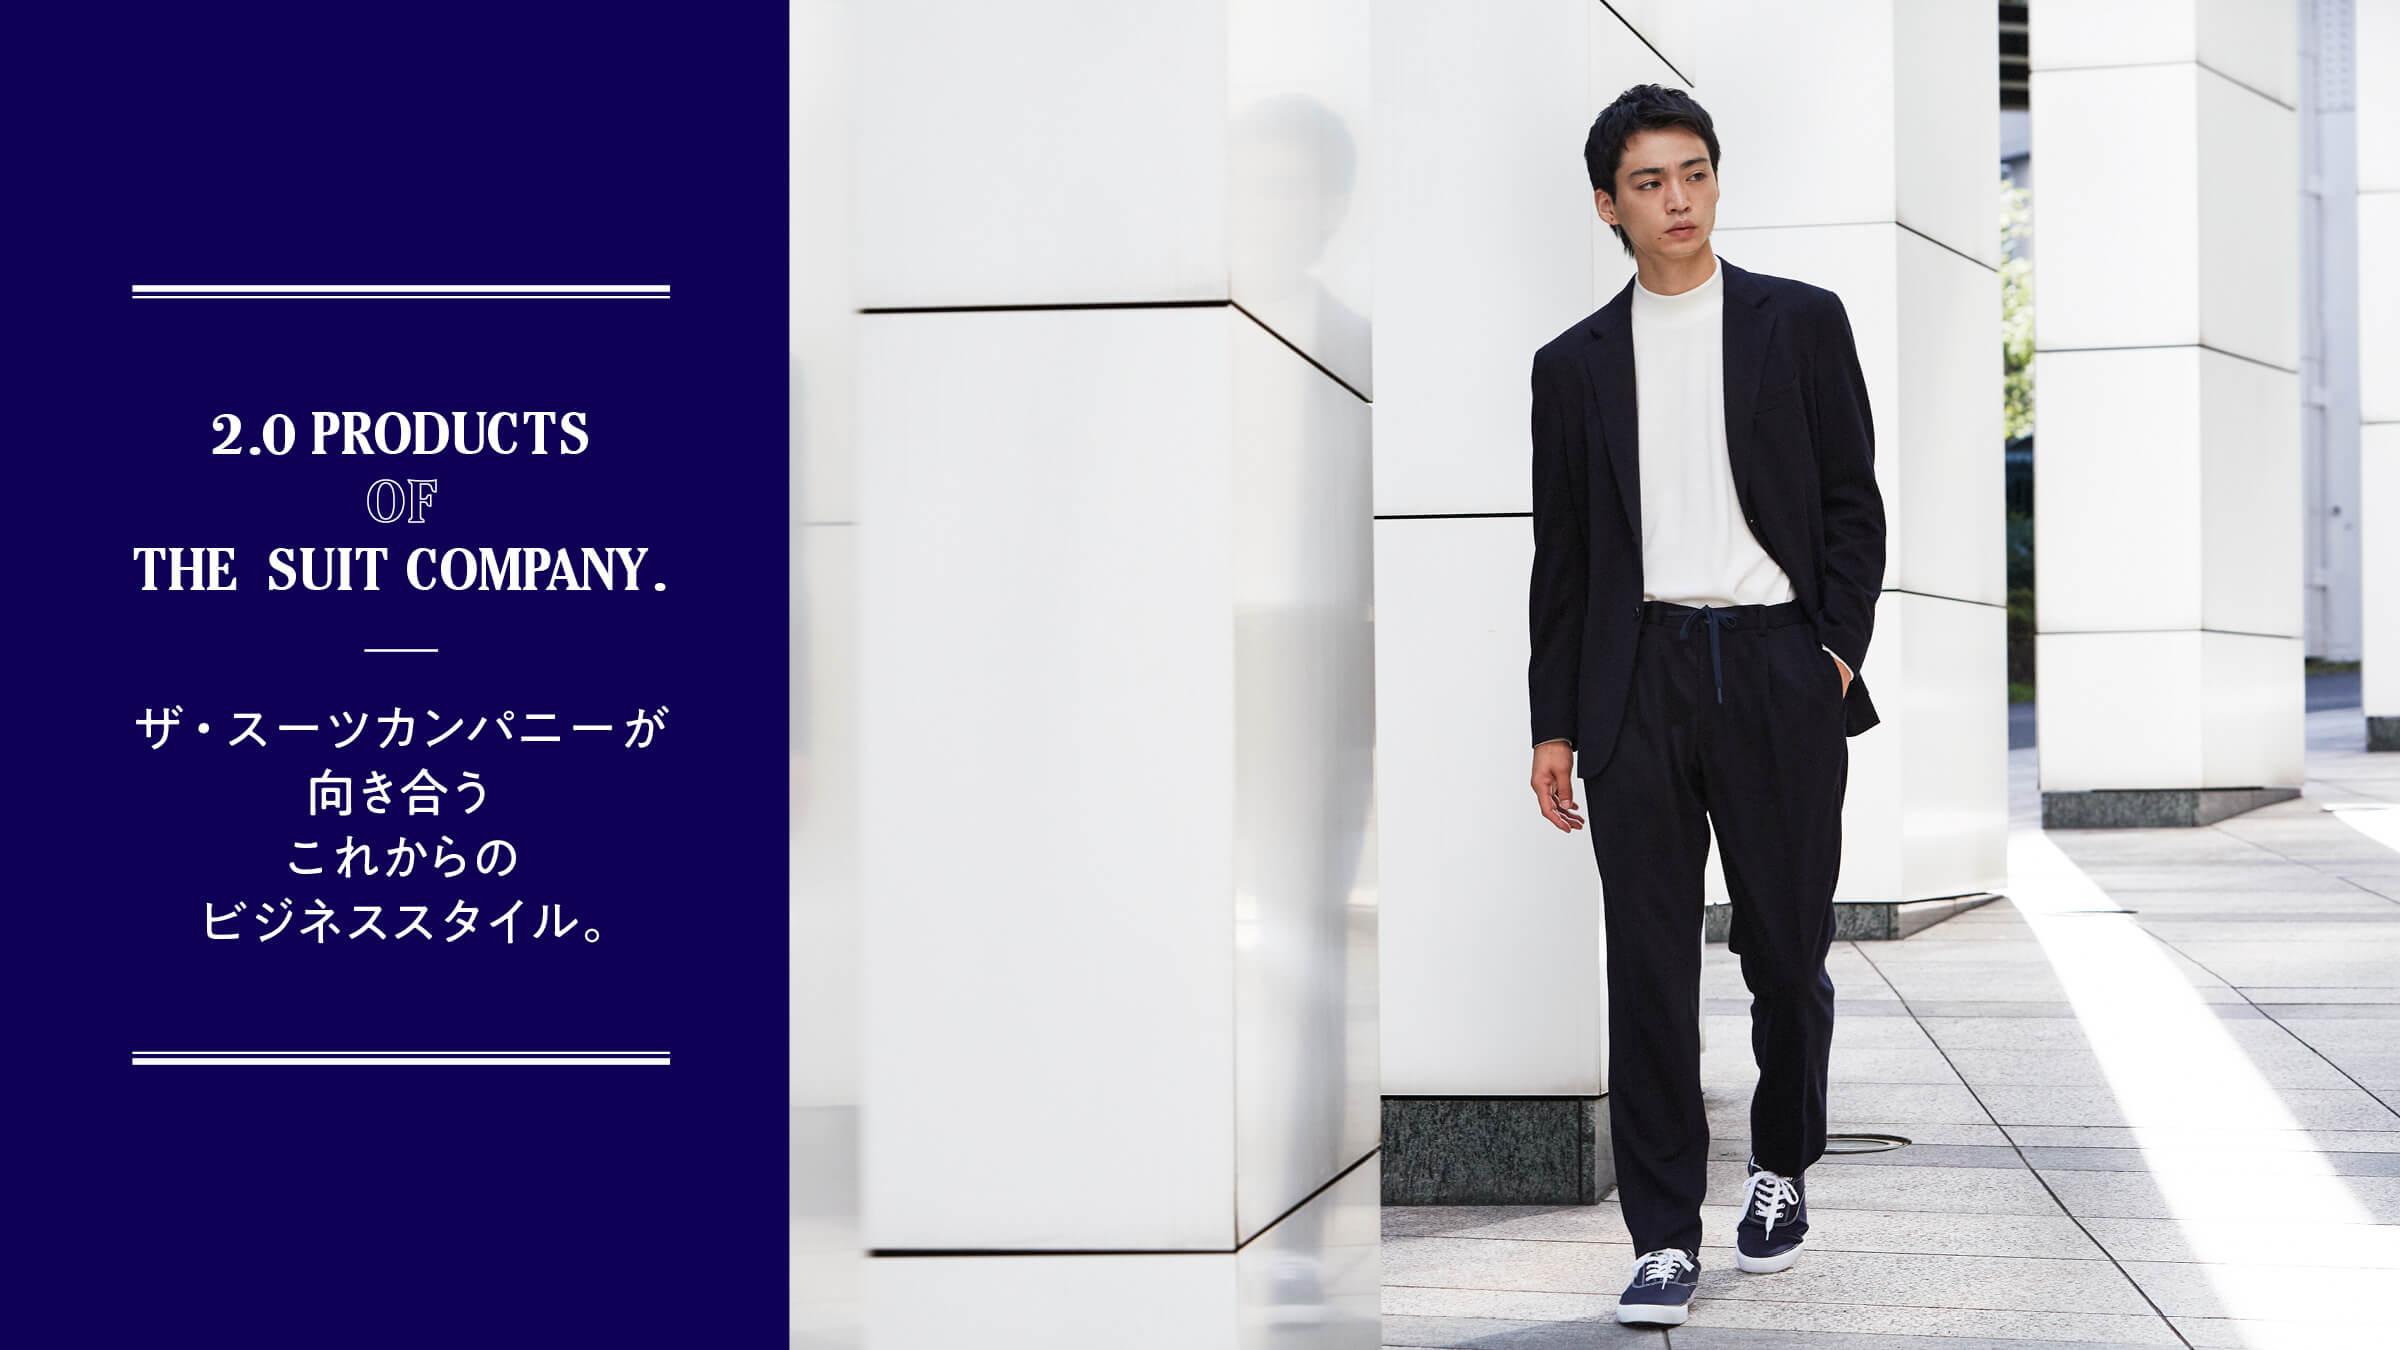 ザ・スーツカンパニーが向き合うこれからのビジネススタイル。